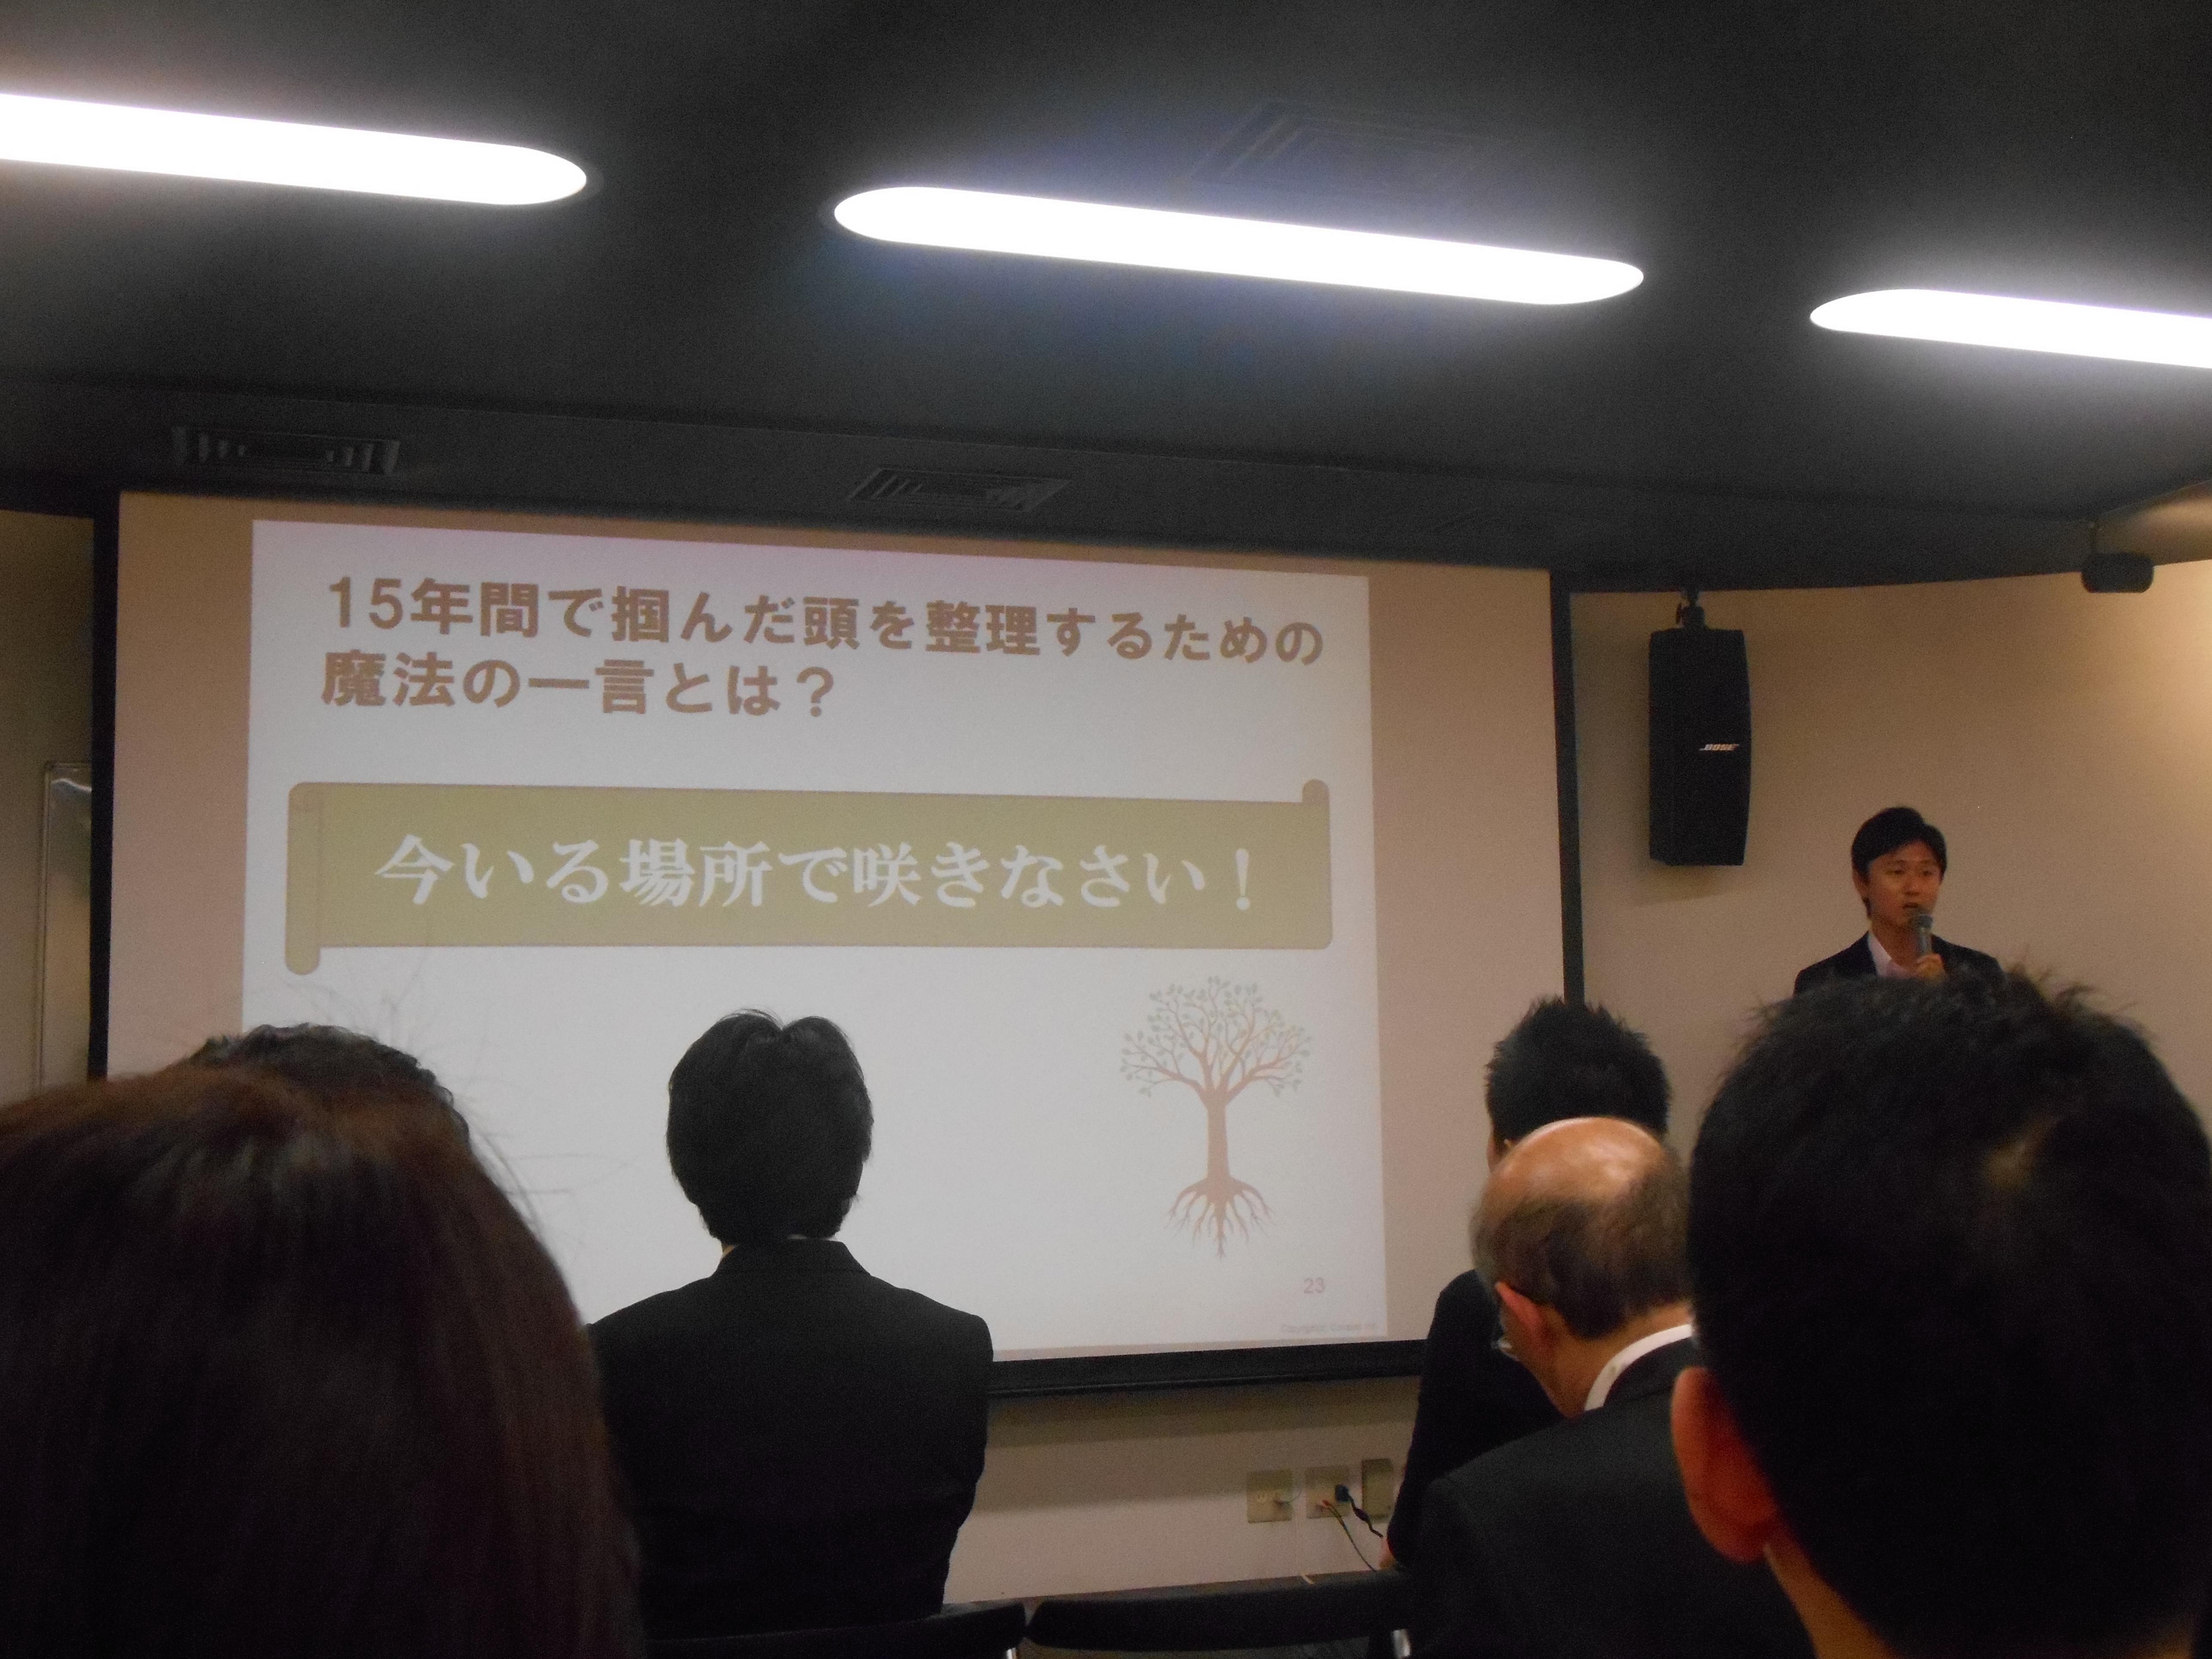 コンパス鈴木さん 15周年記念!